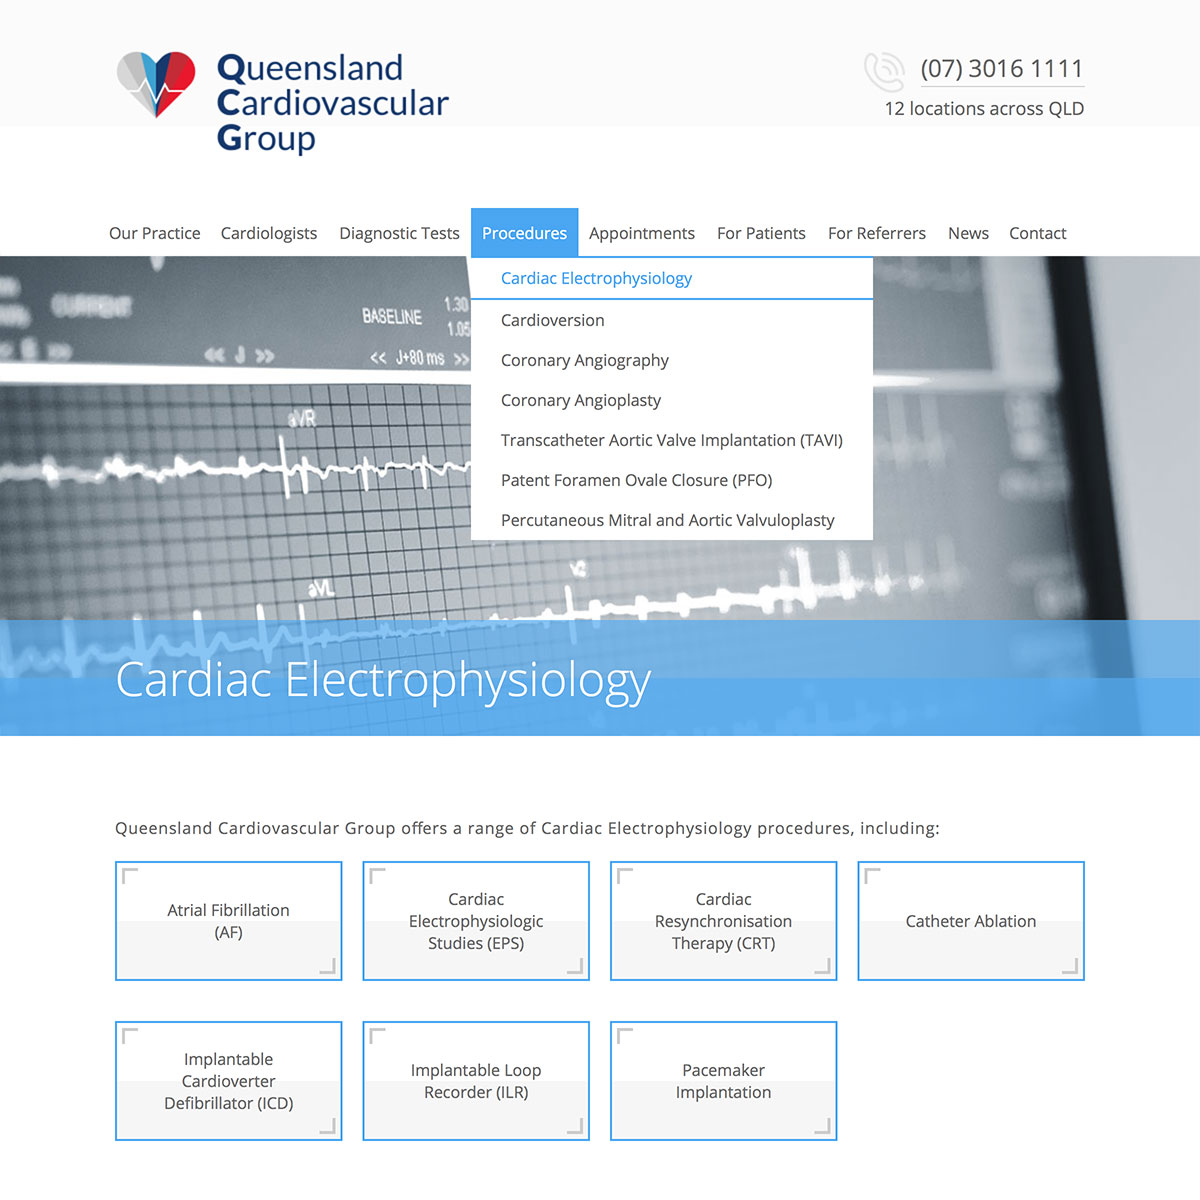 Queensland Cardiovascular Group - Procedure Index